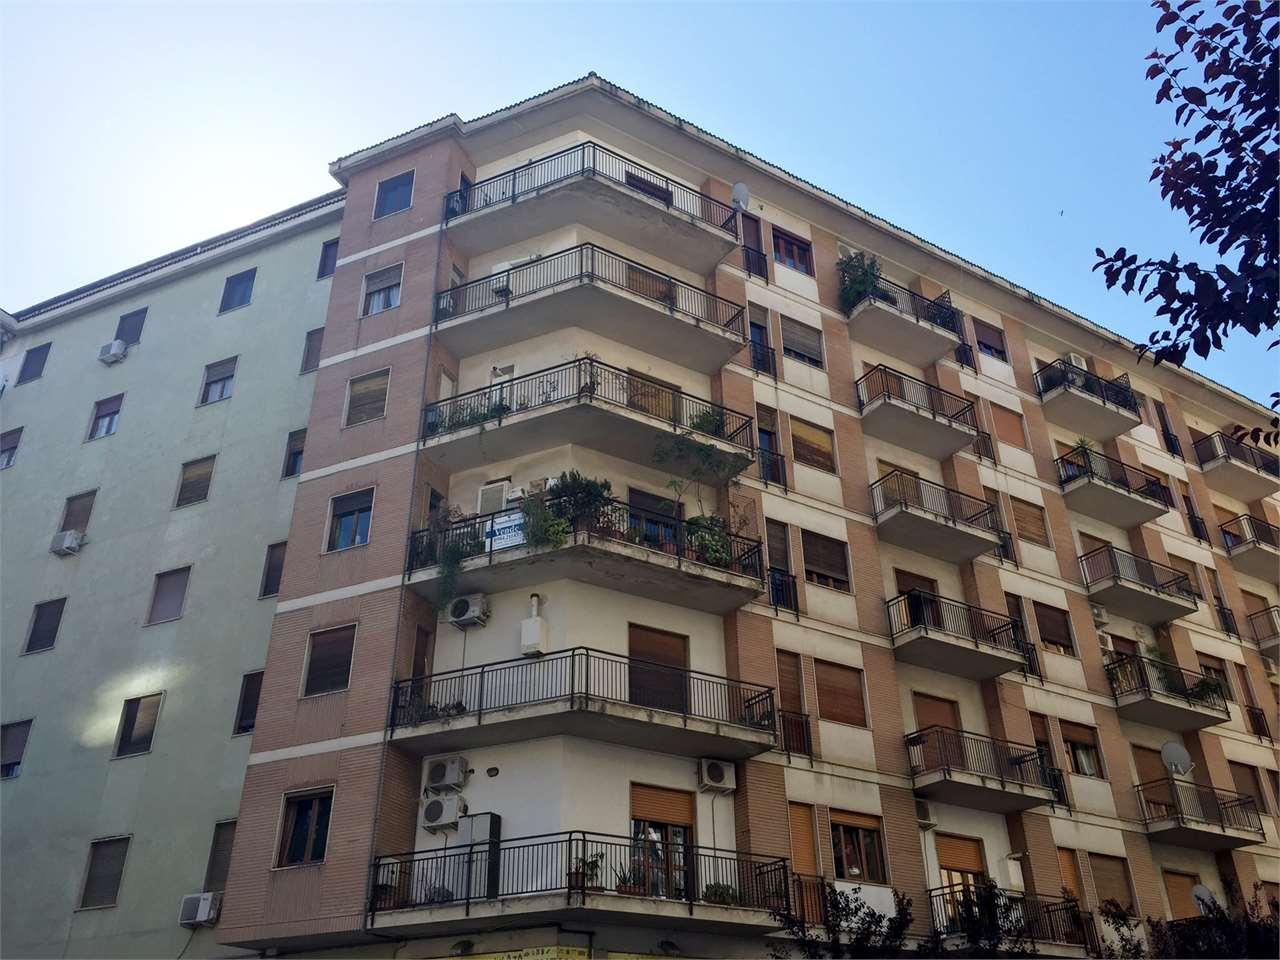 Appartamento in vendita a Cosenza, 4 locali, zona Zona: C.so Italia, prezzo € 169.000 | Cambio Casa.it